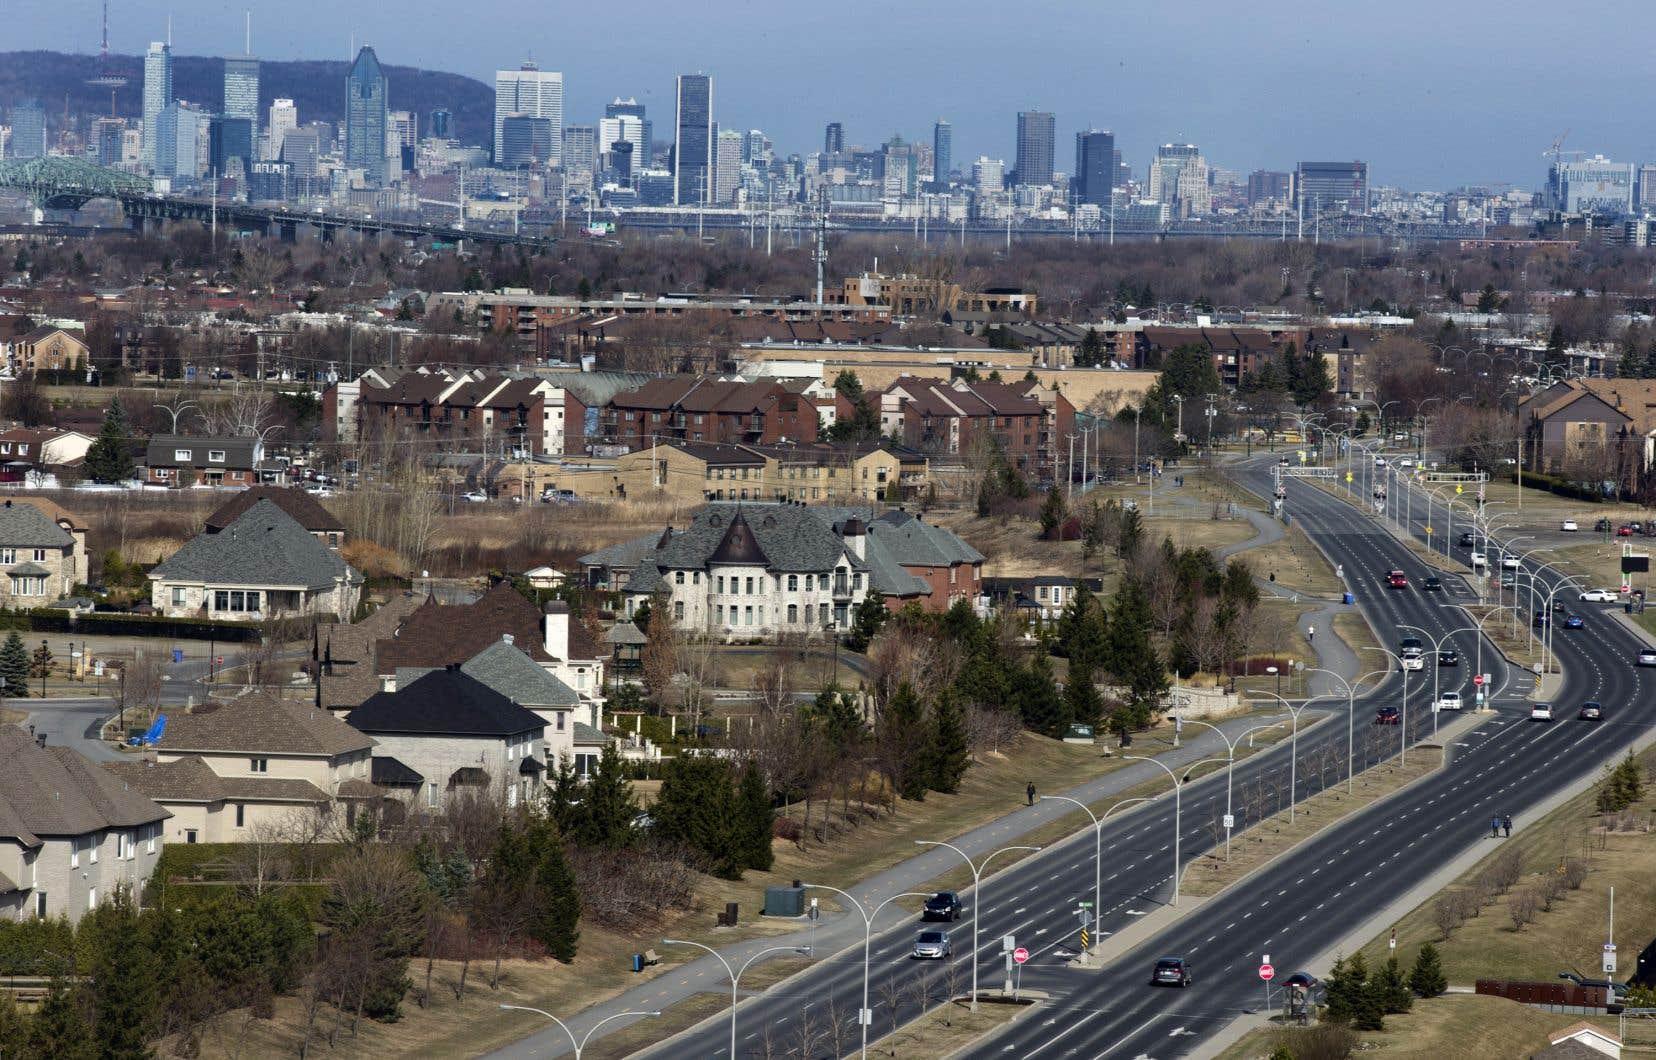 L'exode vers la banlieue continuera par ailleurs de bénéficier aux régions éloignées voisines de la grande région de Montréal, où les logements sont généralement plus abordables, prévoit la SCHL.